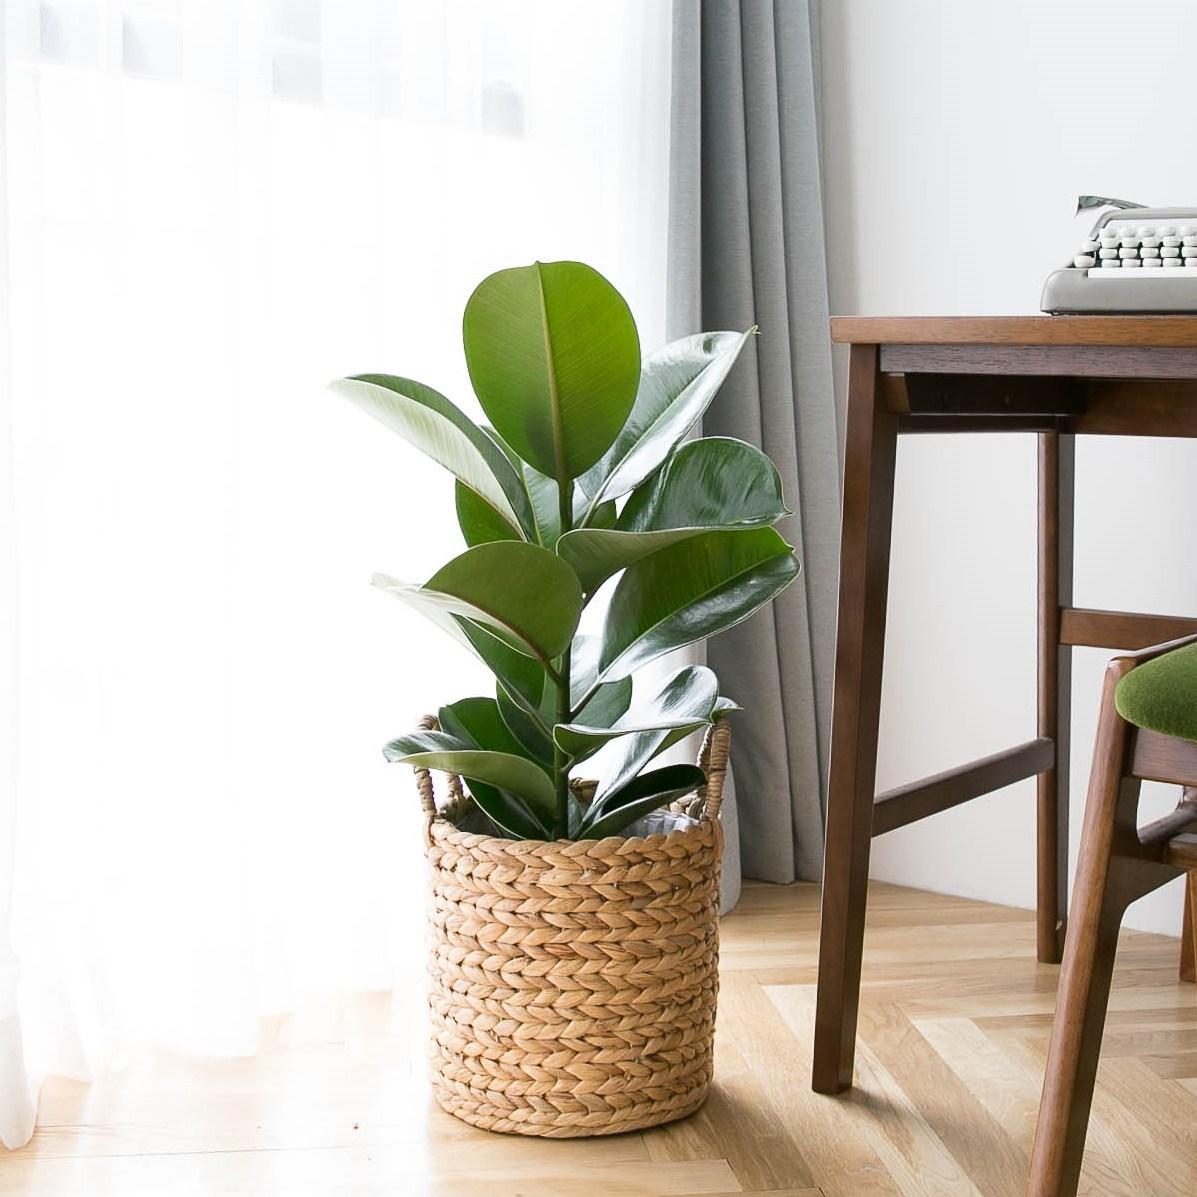 피움플랜트 극락조 외 14종 인테리어식물, 10-2 (중형)인도고무나무 + 라탄바구니, 1set